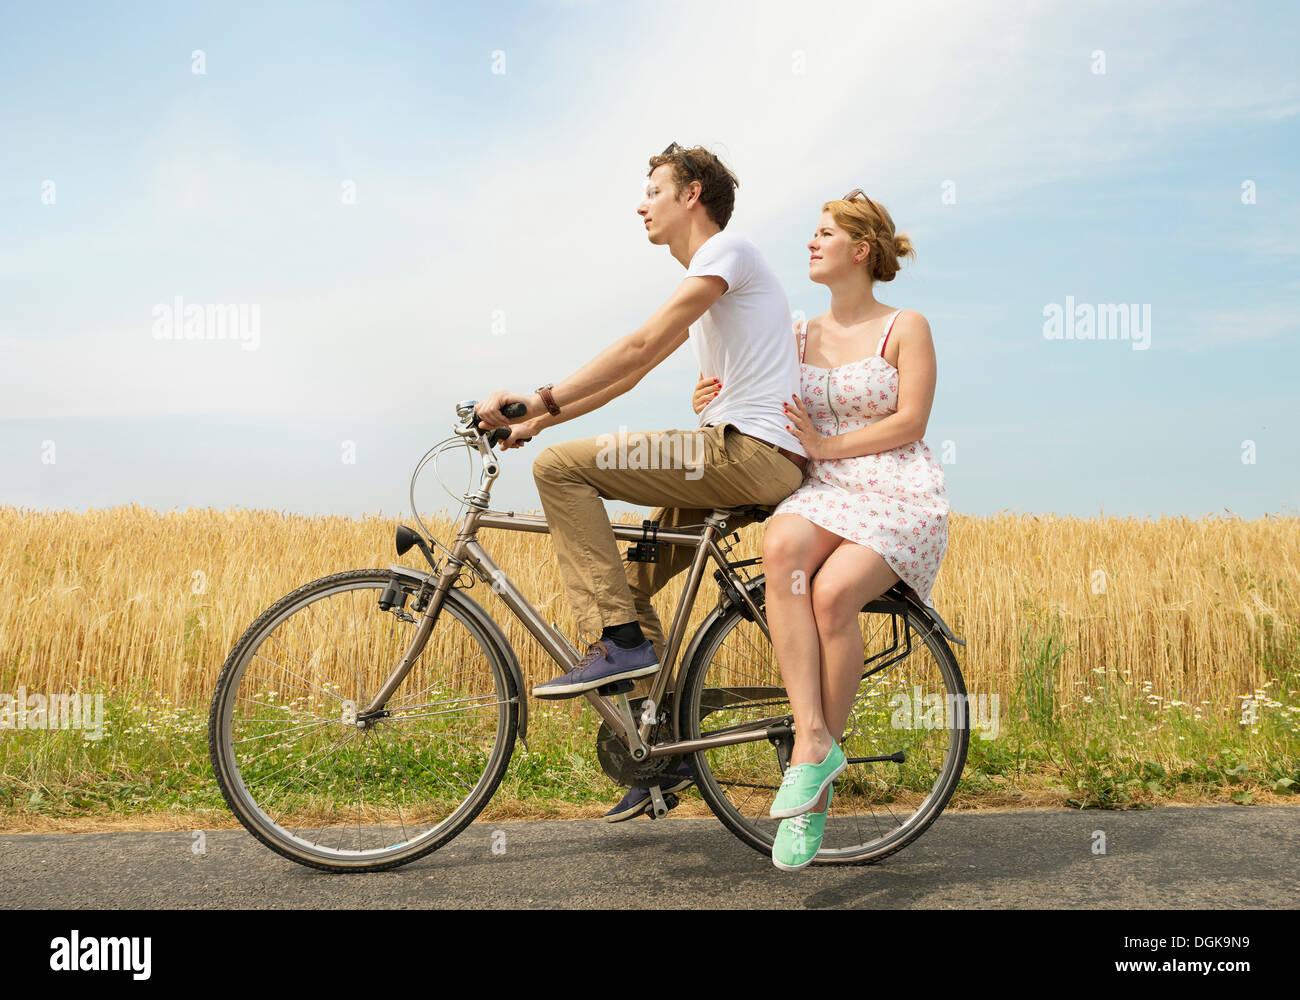 Paar Reiten Fahrrad Stockbild